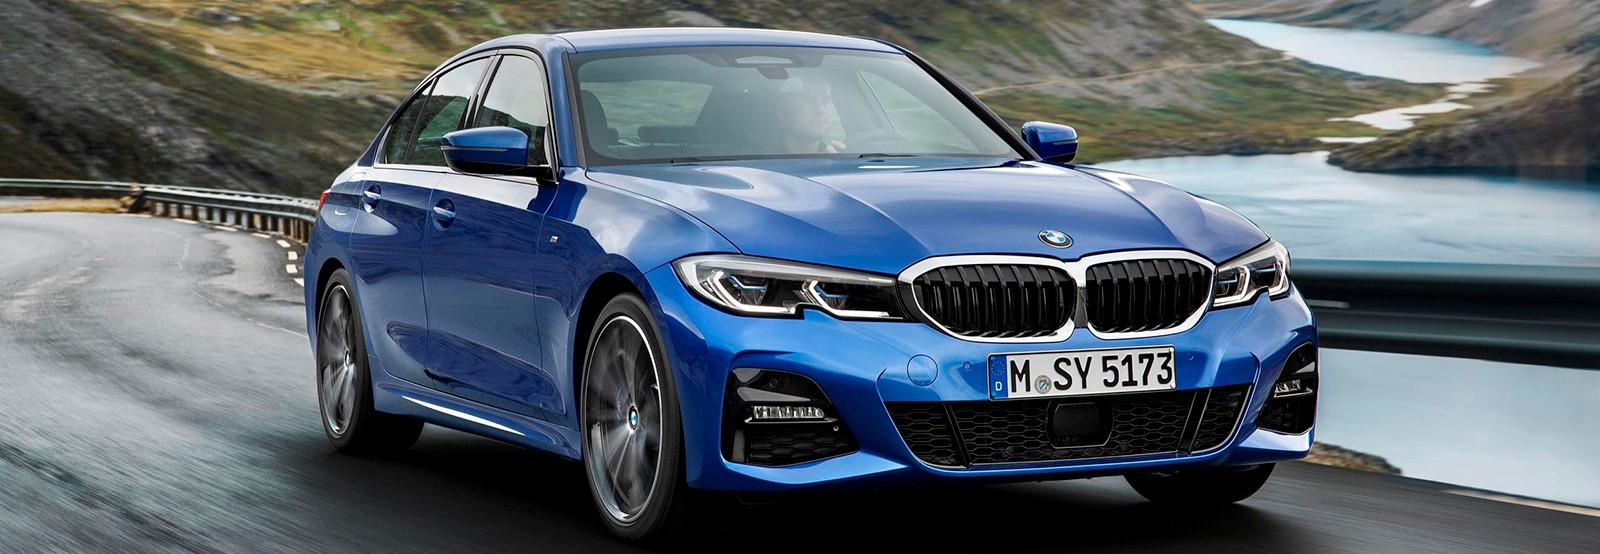 BMW Serie 3, modernización del icono (ES)